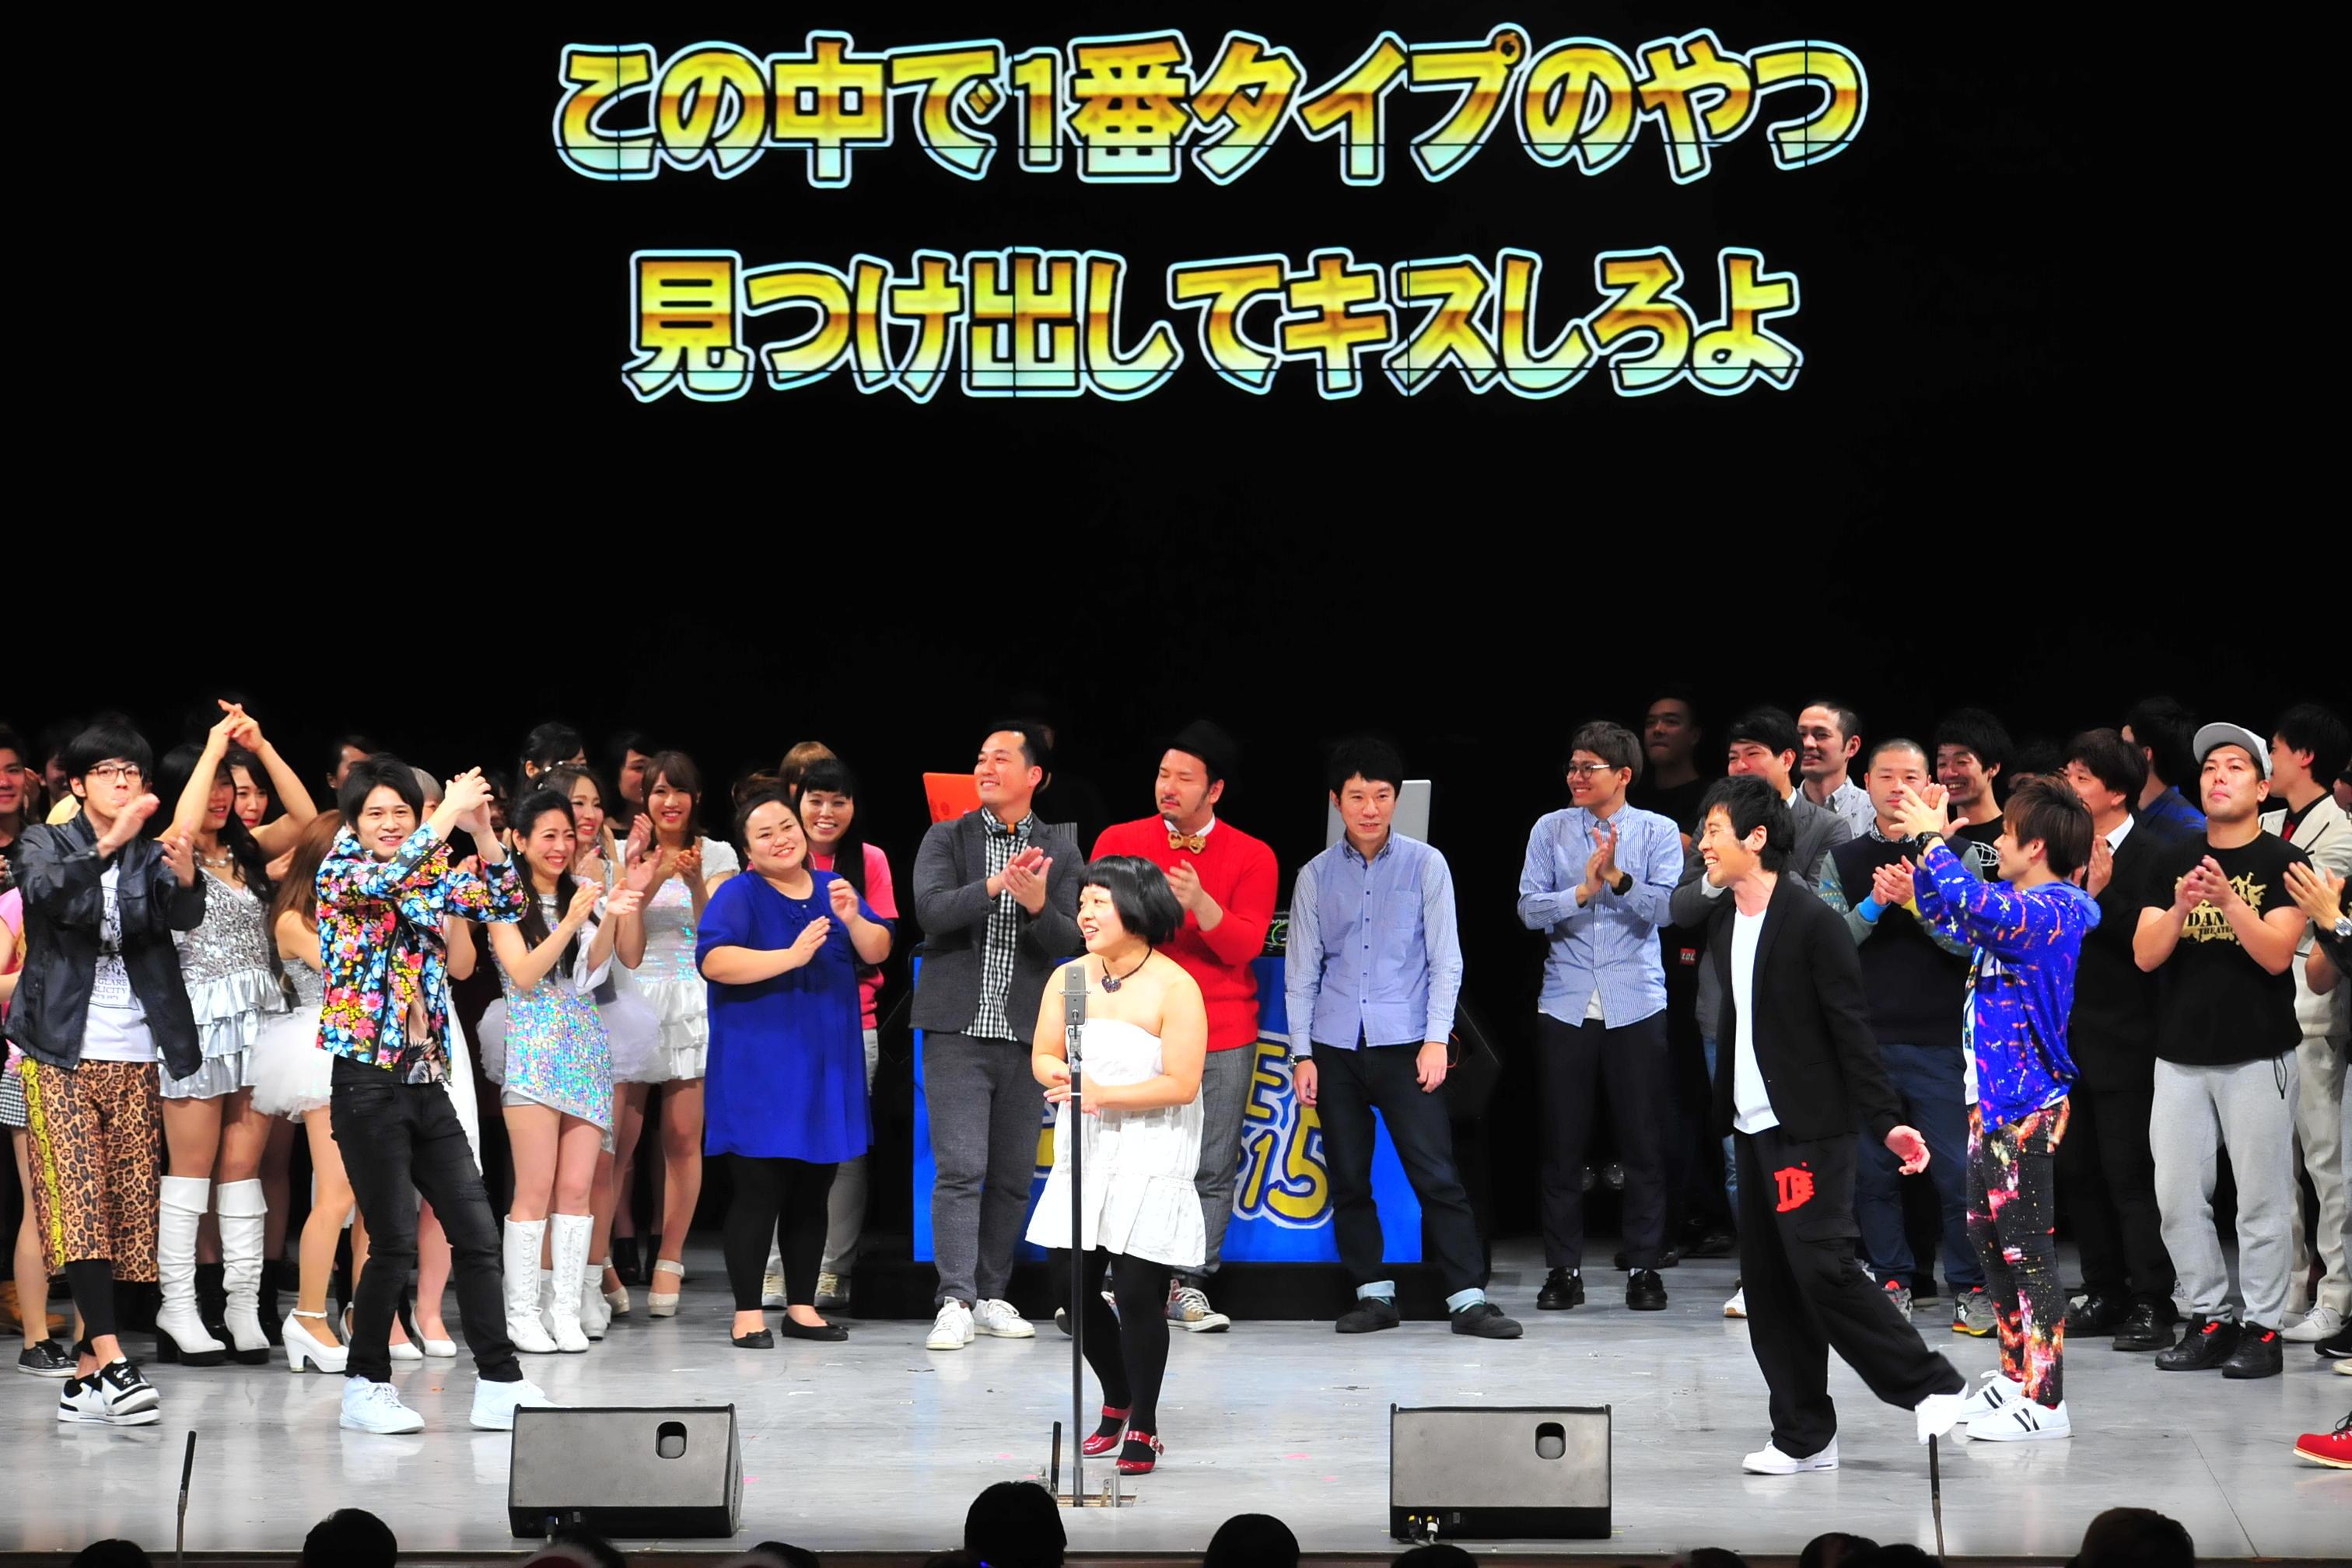 http://news.yoshimoto.co.jp/20151231143853-901c88b370c070bf27819412bd526acce7a503fe.jpg